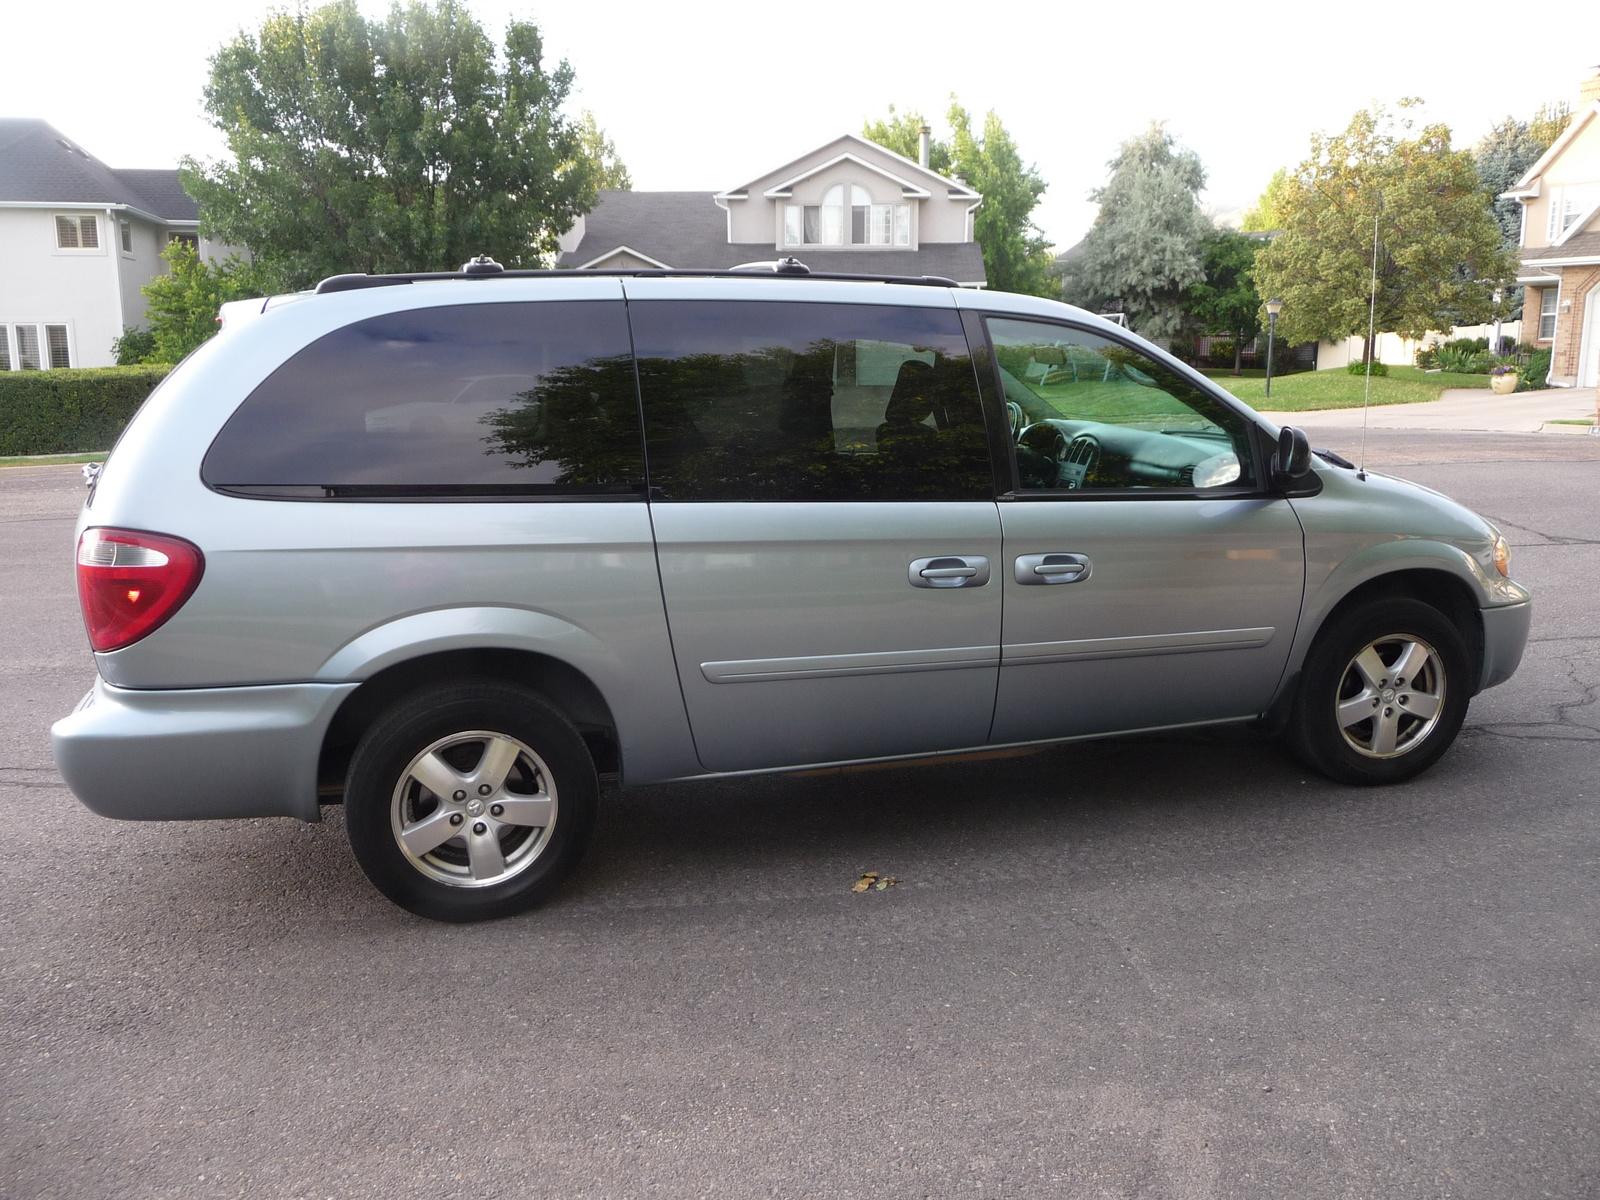 2005 Dodge Grand Caravan Pictures Cargurus